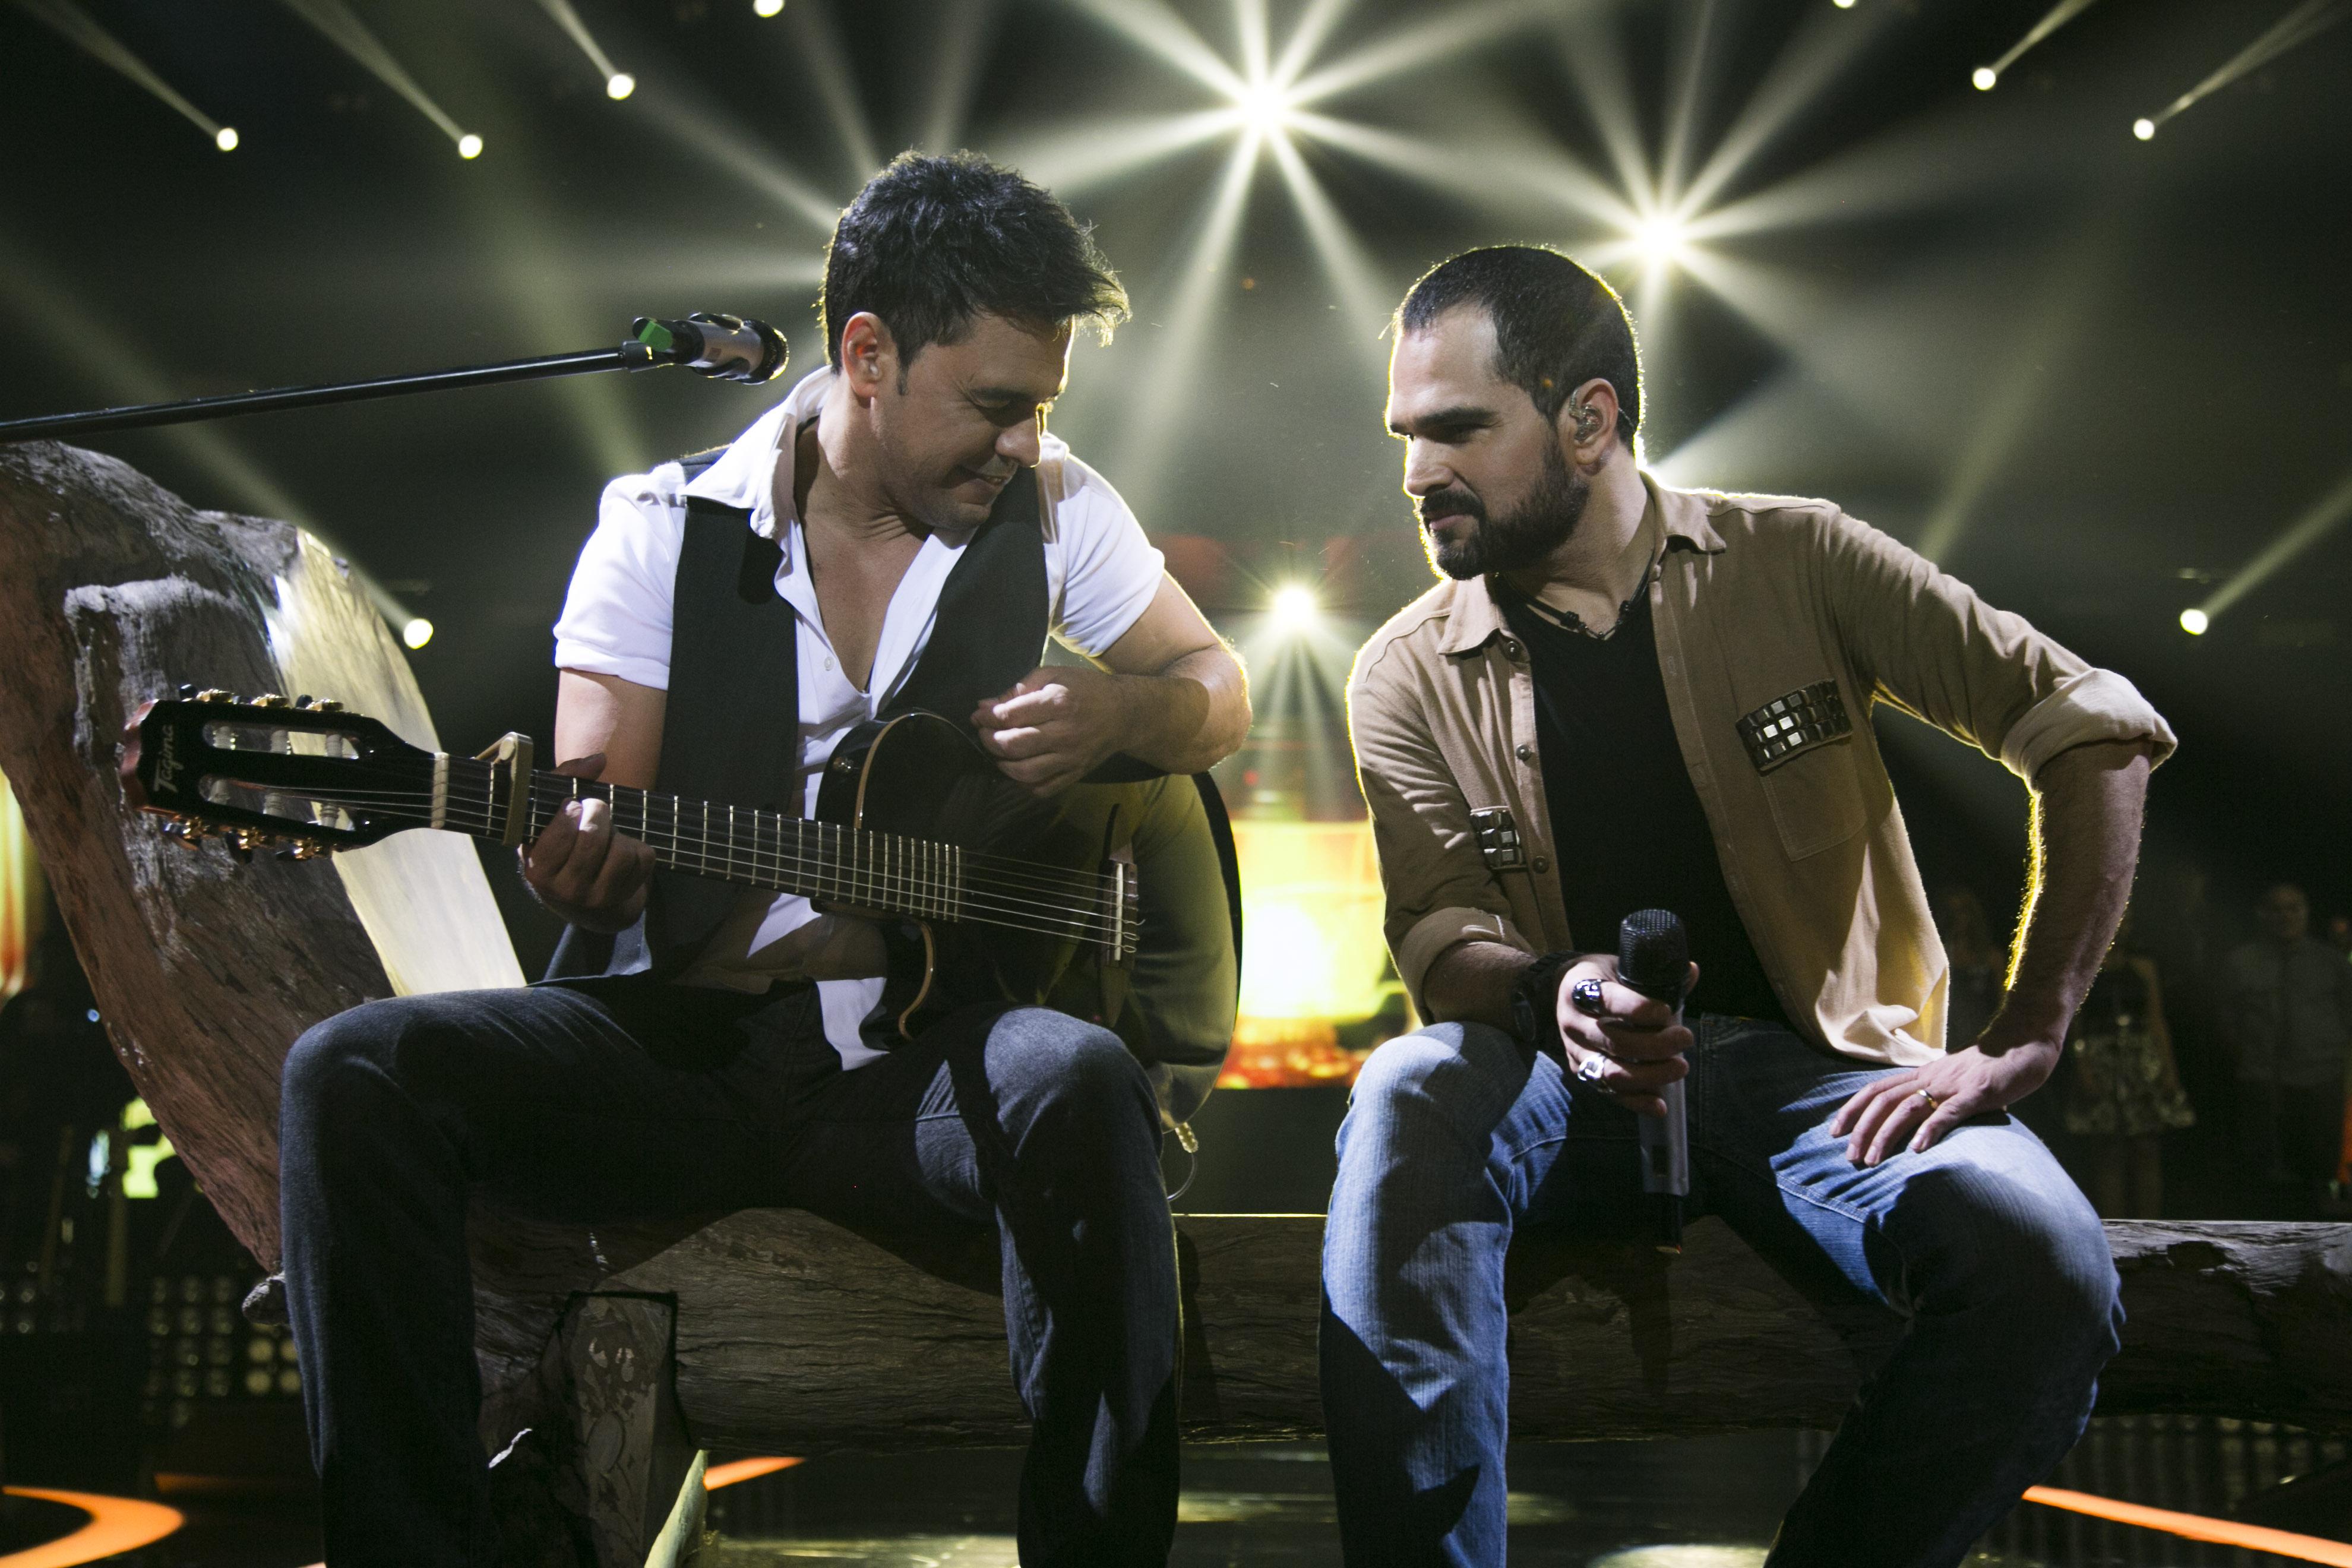 25 Anos: Zezé & Luciano em show de aniversário nos dias 29 e 30/04 em São Paulo